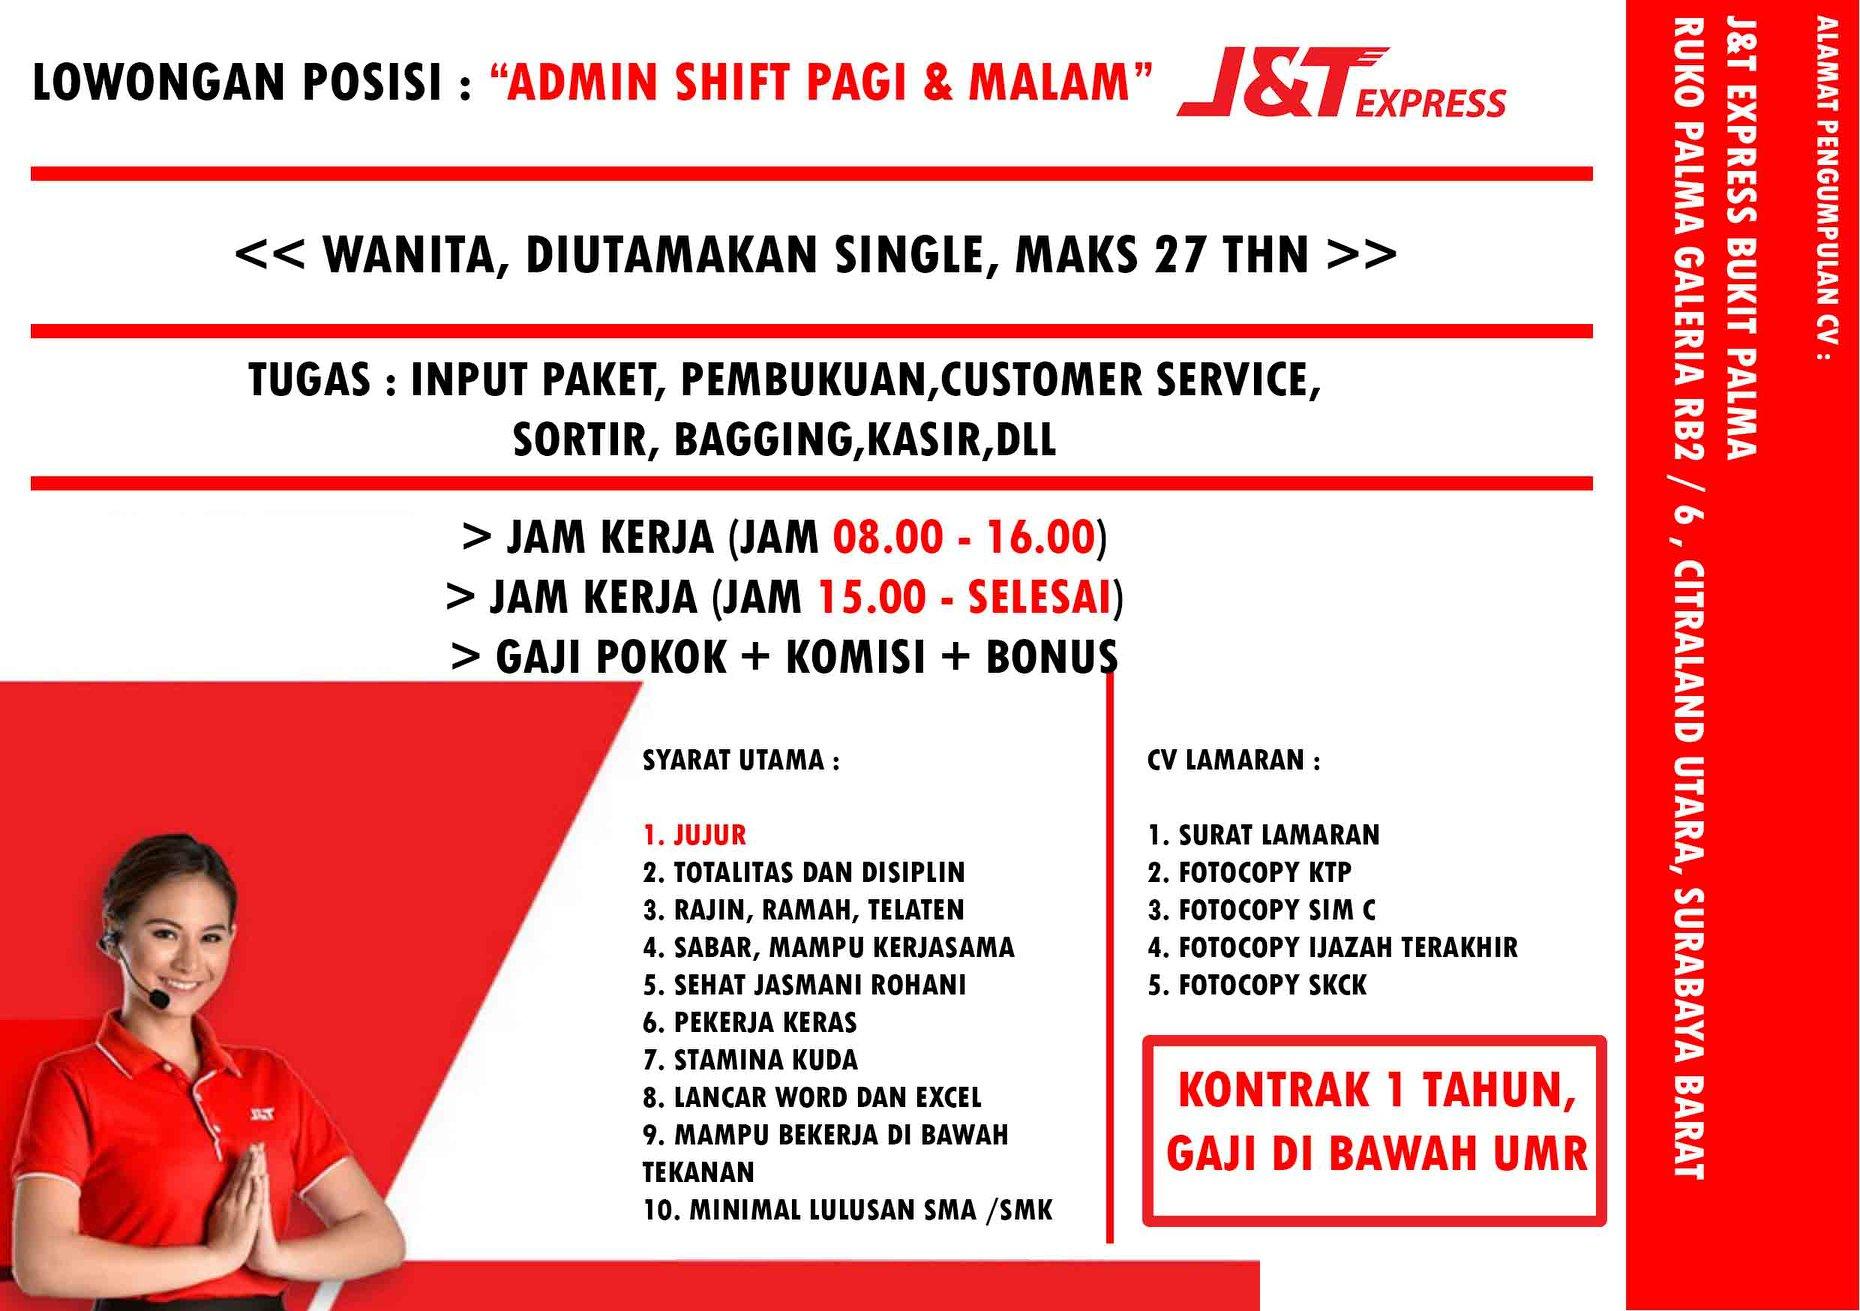 Surabaya Barat Lowongan Admin Shift Pagi Serta Malam Pendidikan Minimal Sma Portal Berita Sidoarjo